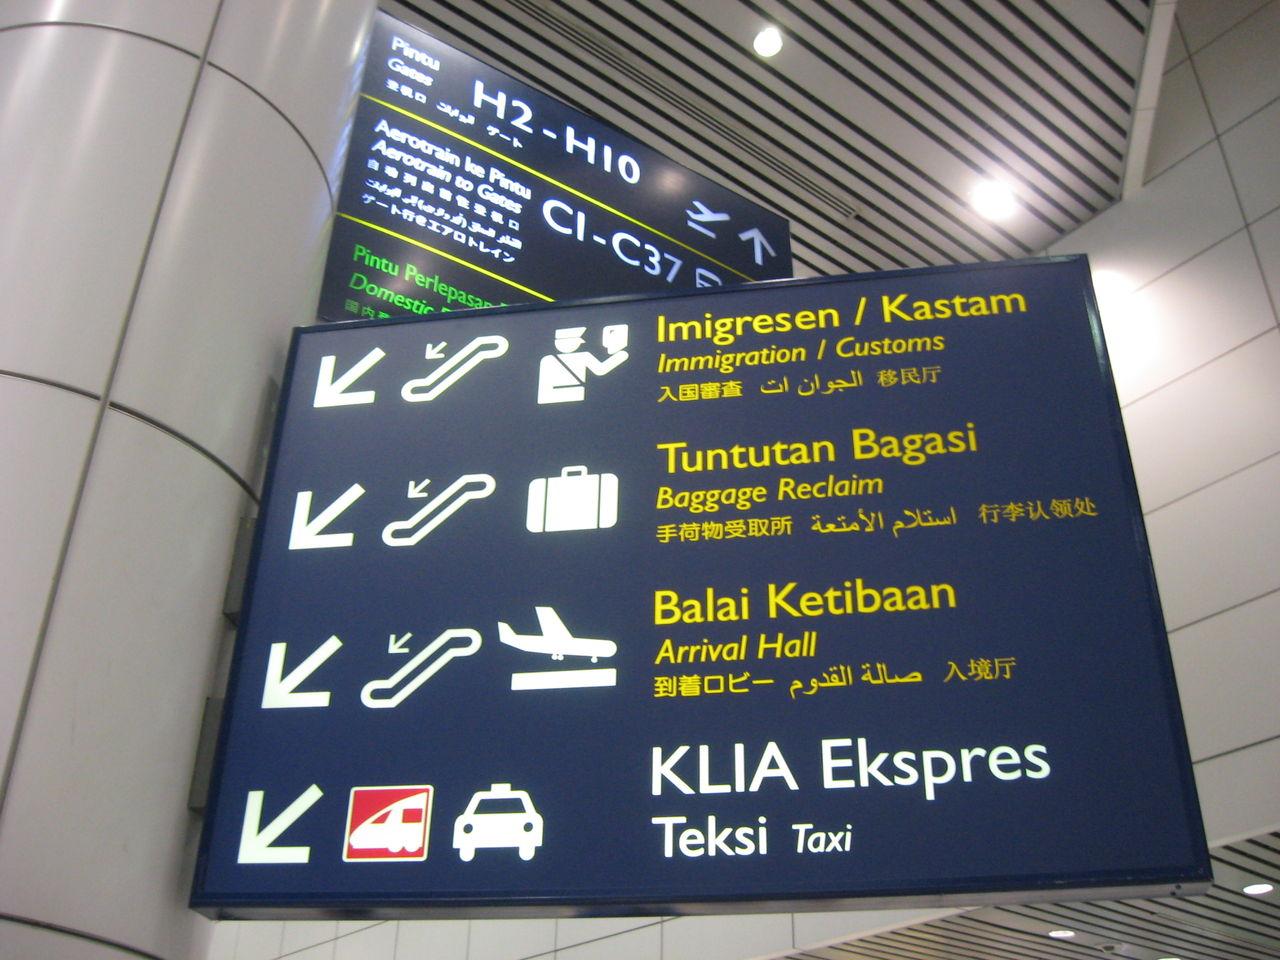 SKE48とエアバスA380超絶推し男のblog  追いかけShadow~マレーシア航空MH616便でクアラルンプールへ(後編)コメントトラックバック                ske380_800